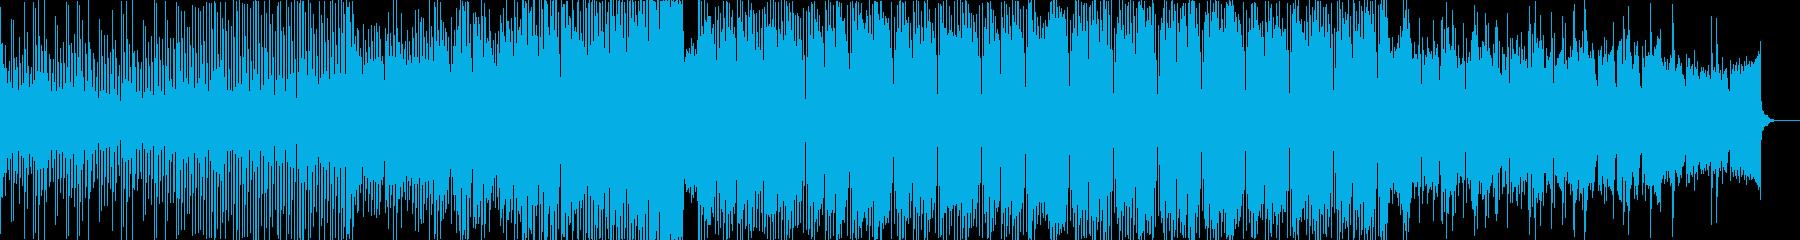 哀愁あるフューチャーベース(声ネタ無し)の再生済みの波形